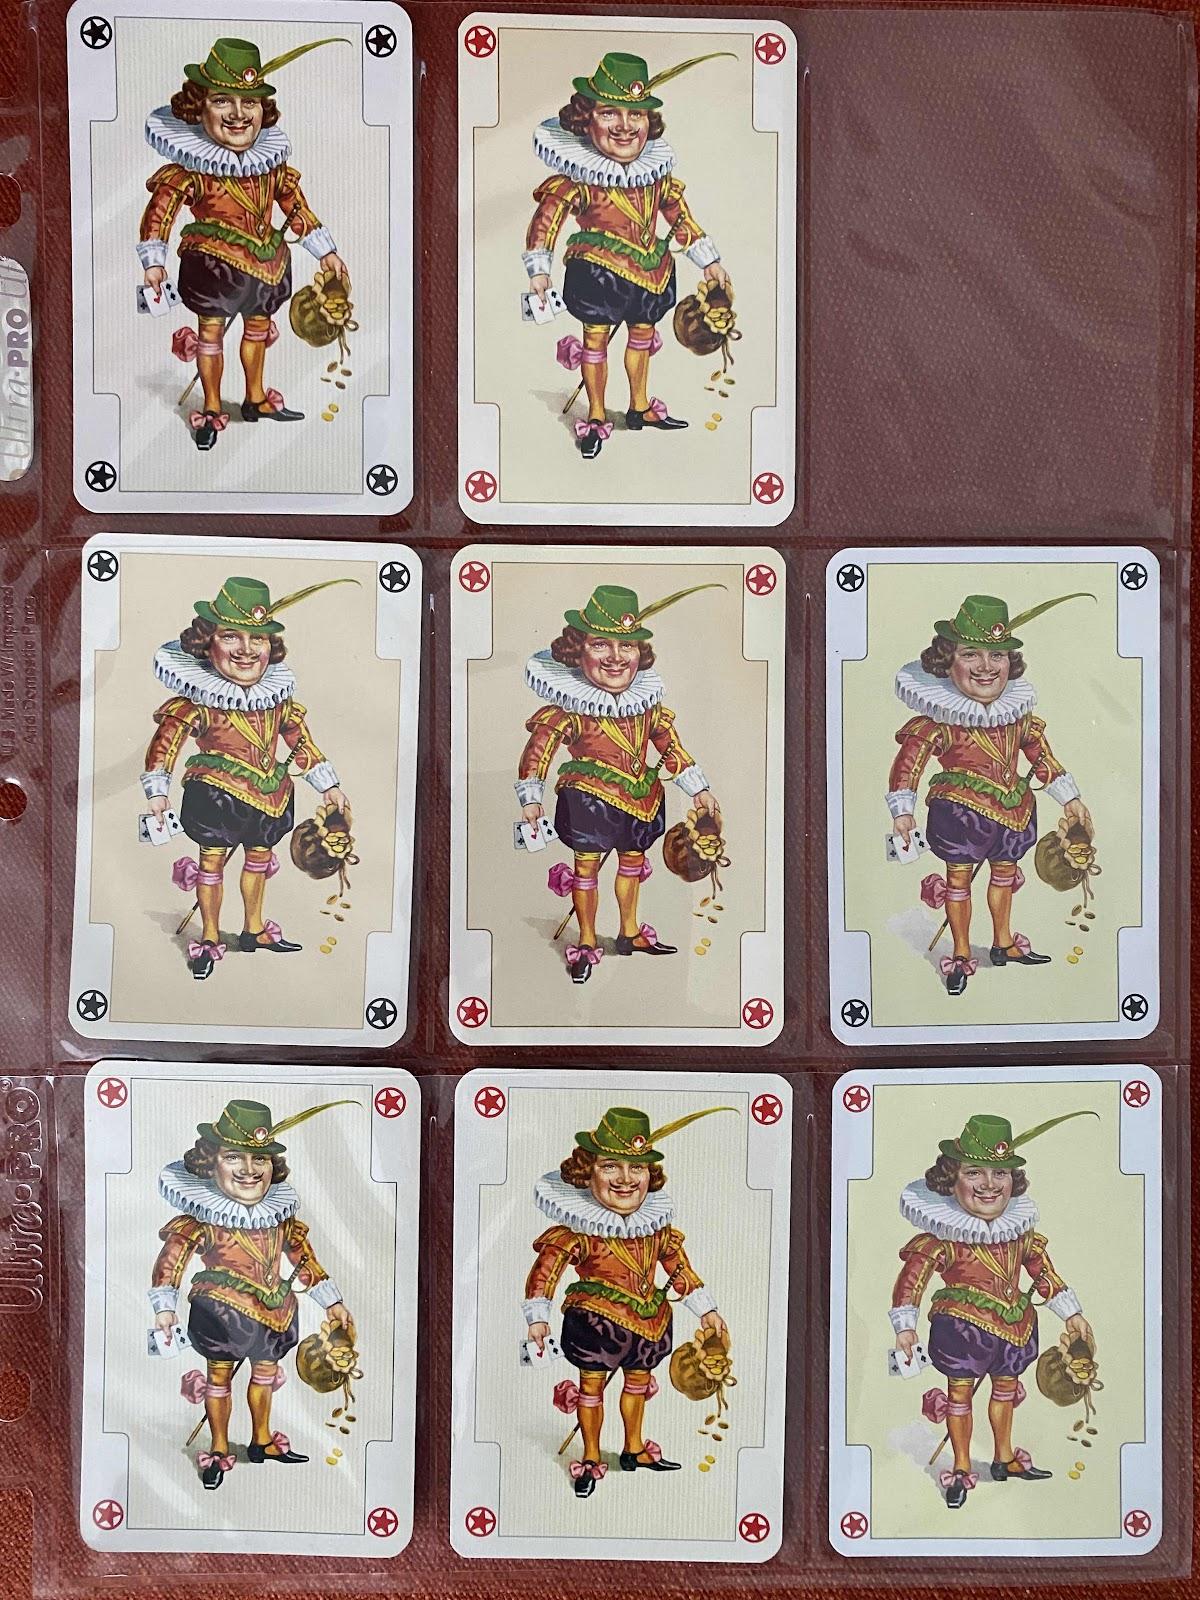 money bag jokers with swords